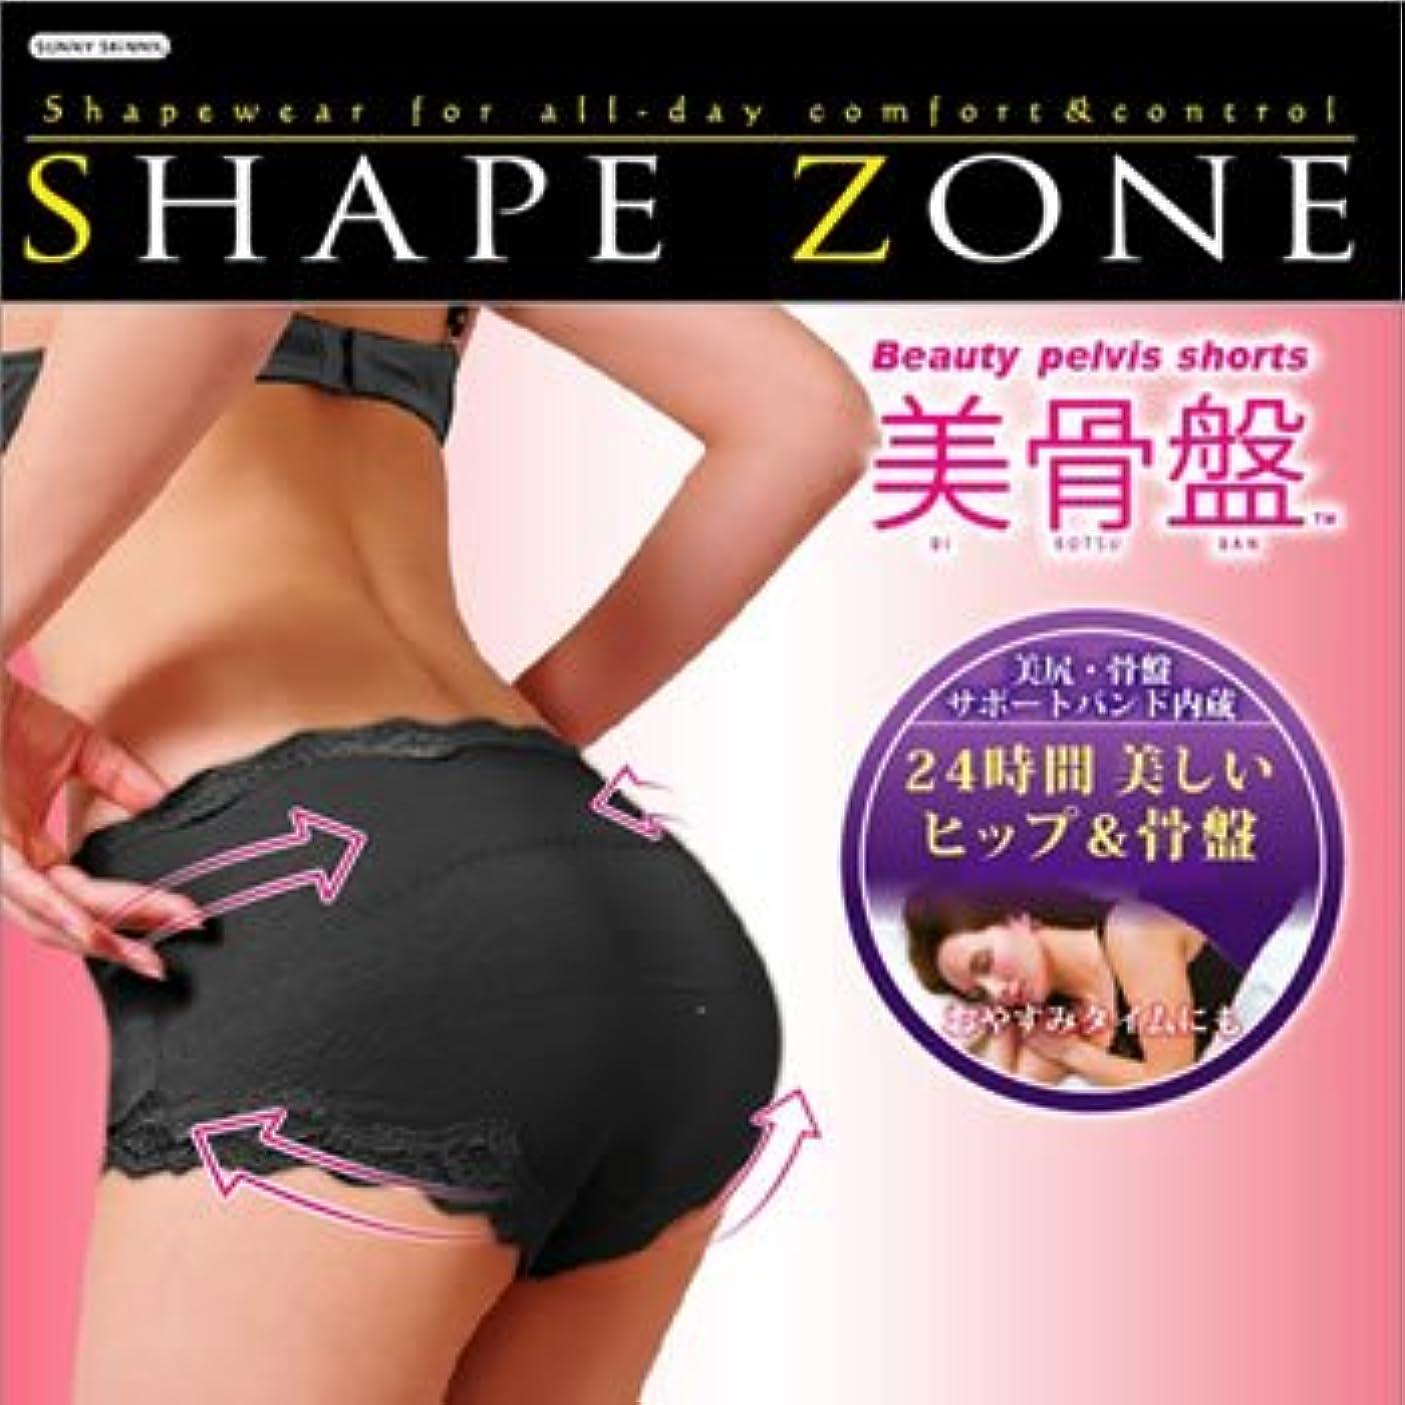 ペリスコープ透過性包帯シェイプゾーン 美骨盤コットンショーツ 3枚組 (L-LL:92~105cm, ベージュ)